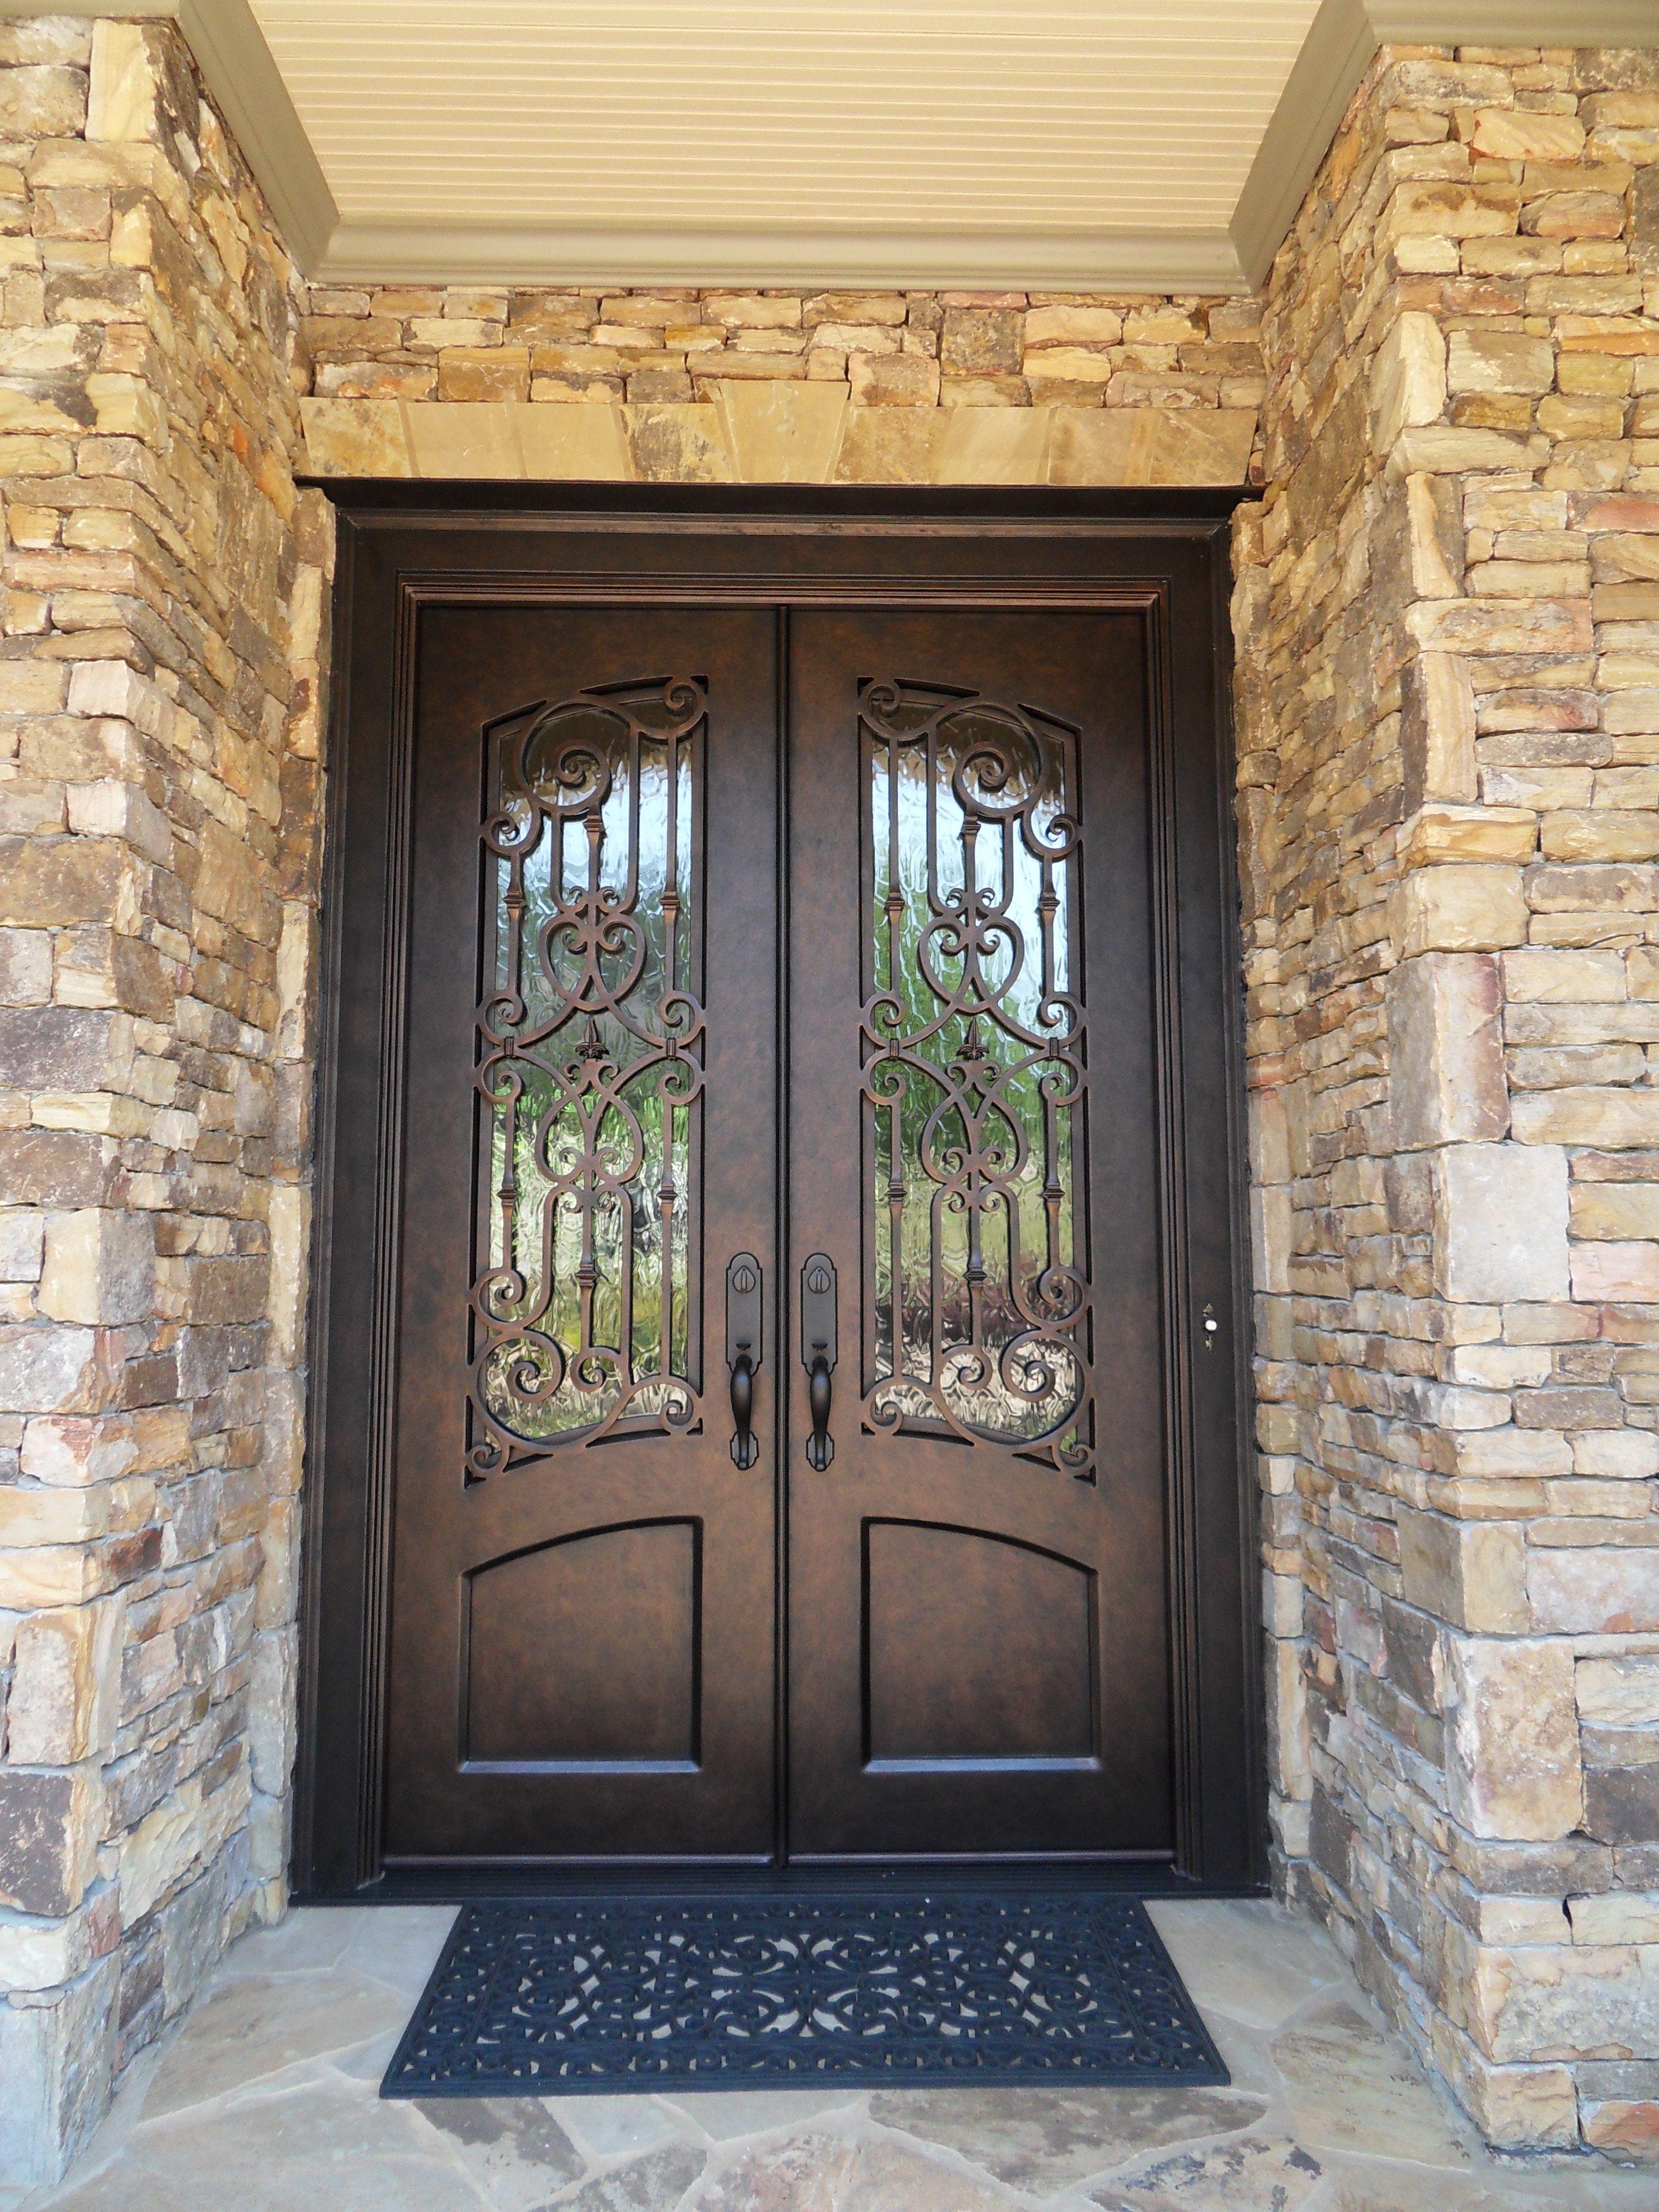 Window And Door Replacement In Atlanta With Images Iron Doors